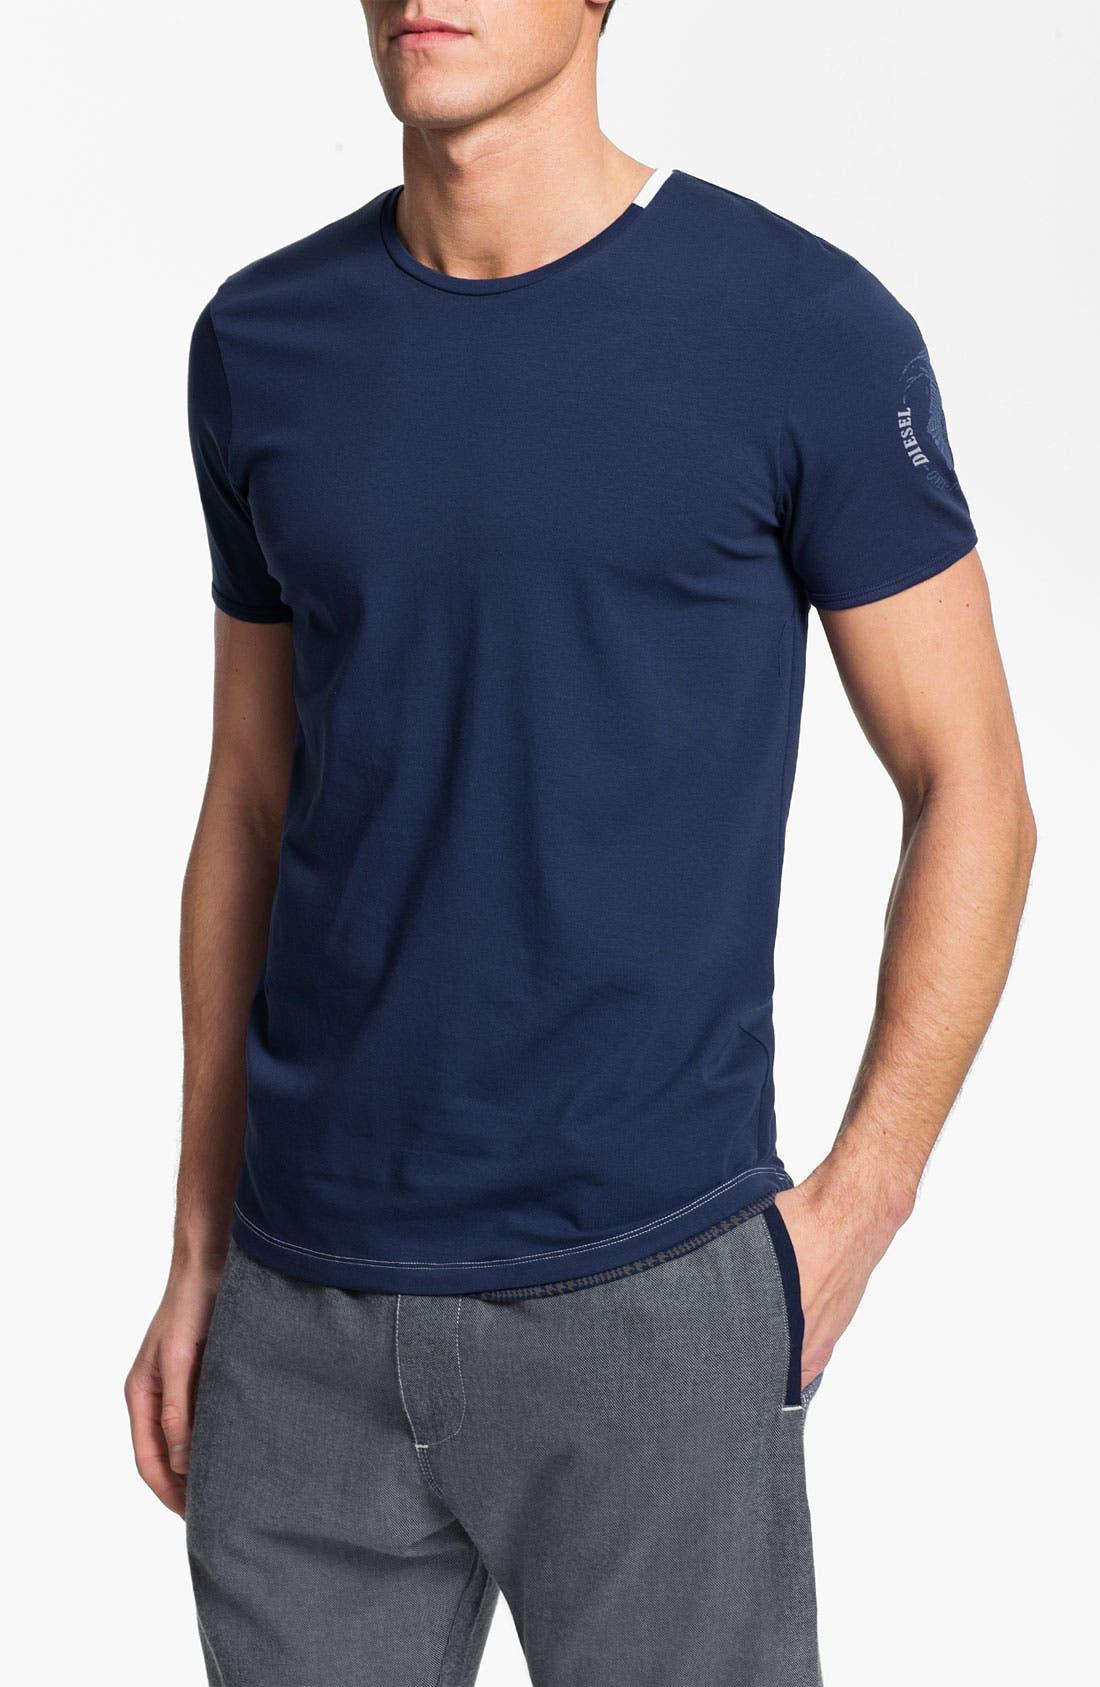 Alternate Image 1 Selected - DIESEL® 'Randal' Crewneck T-Shirt